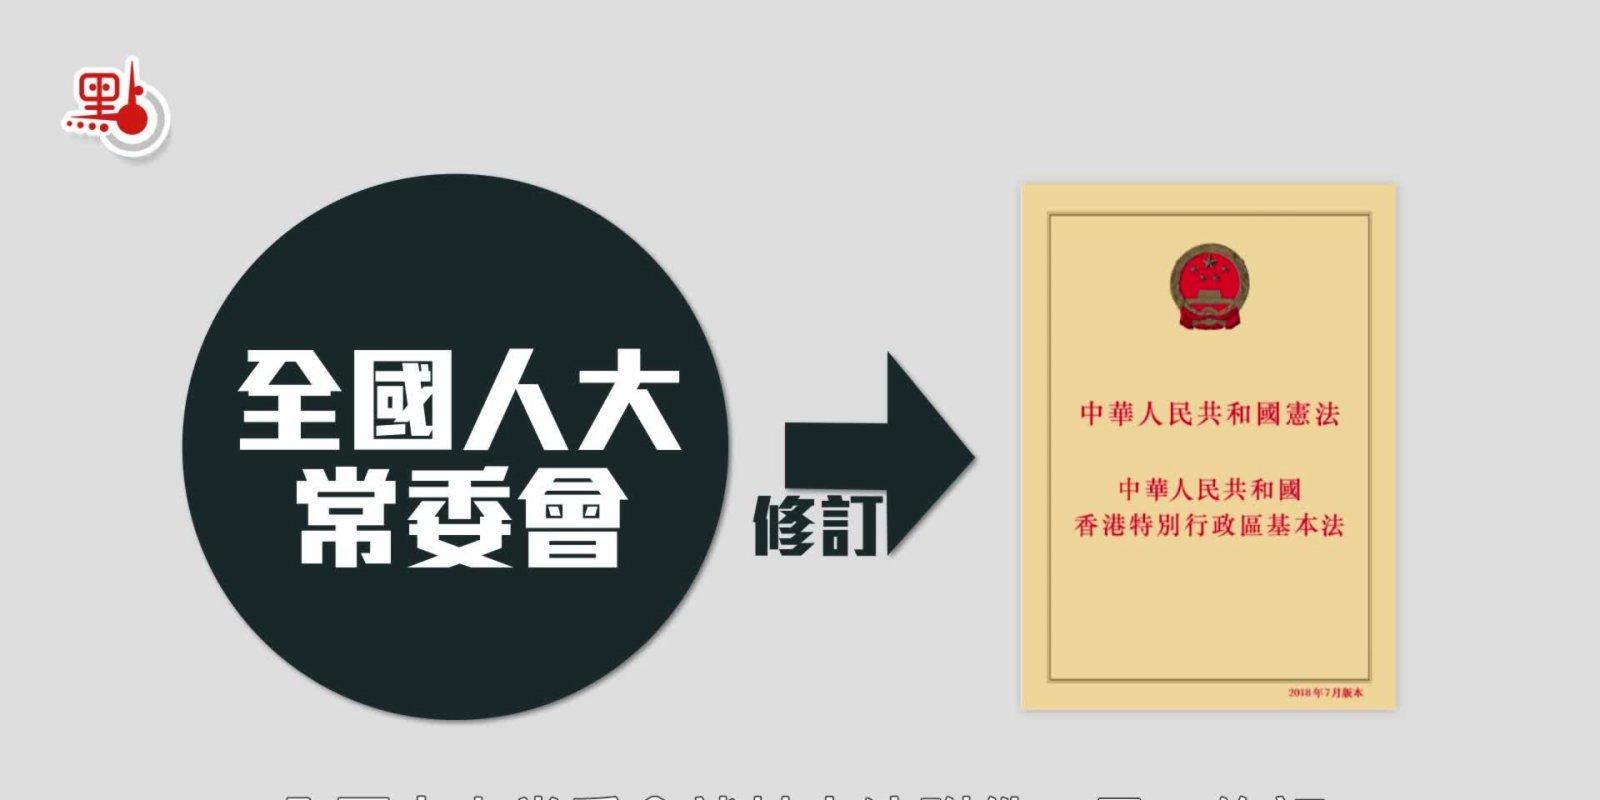 動畫 速看完善香港選舉制度細節